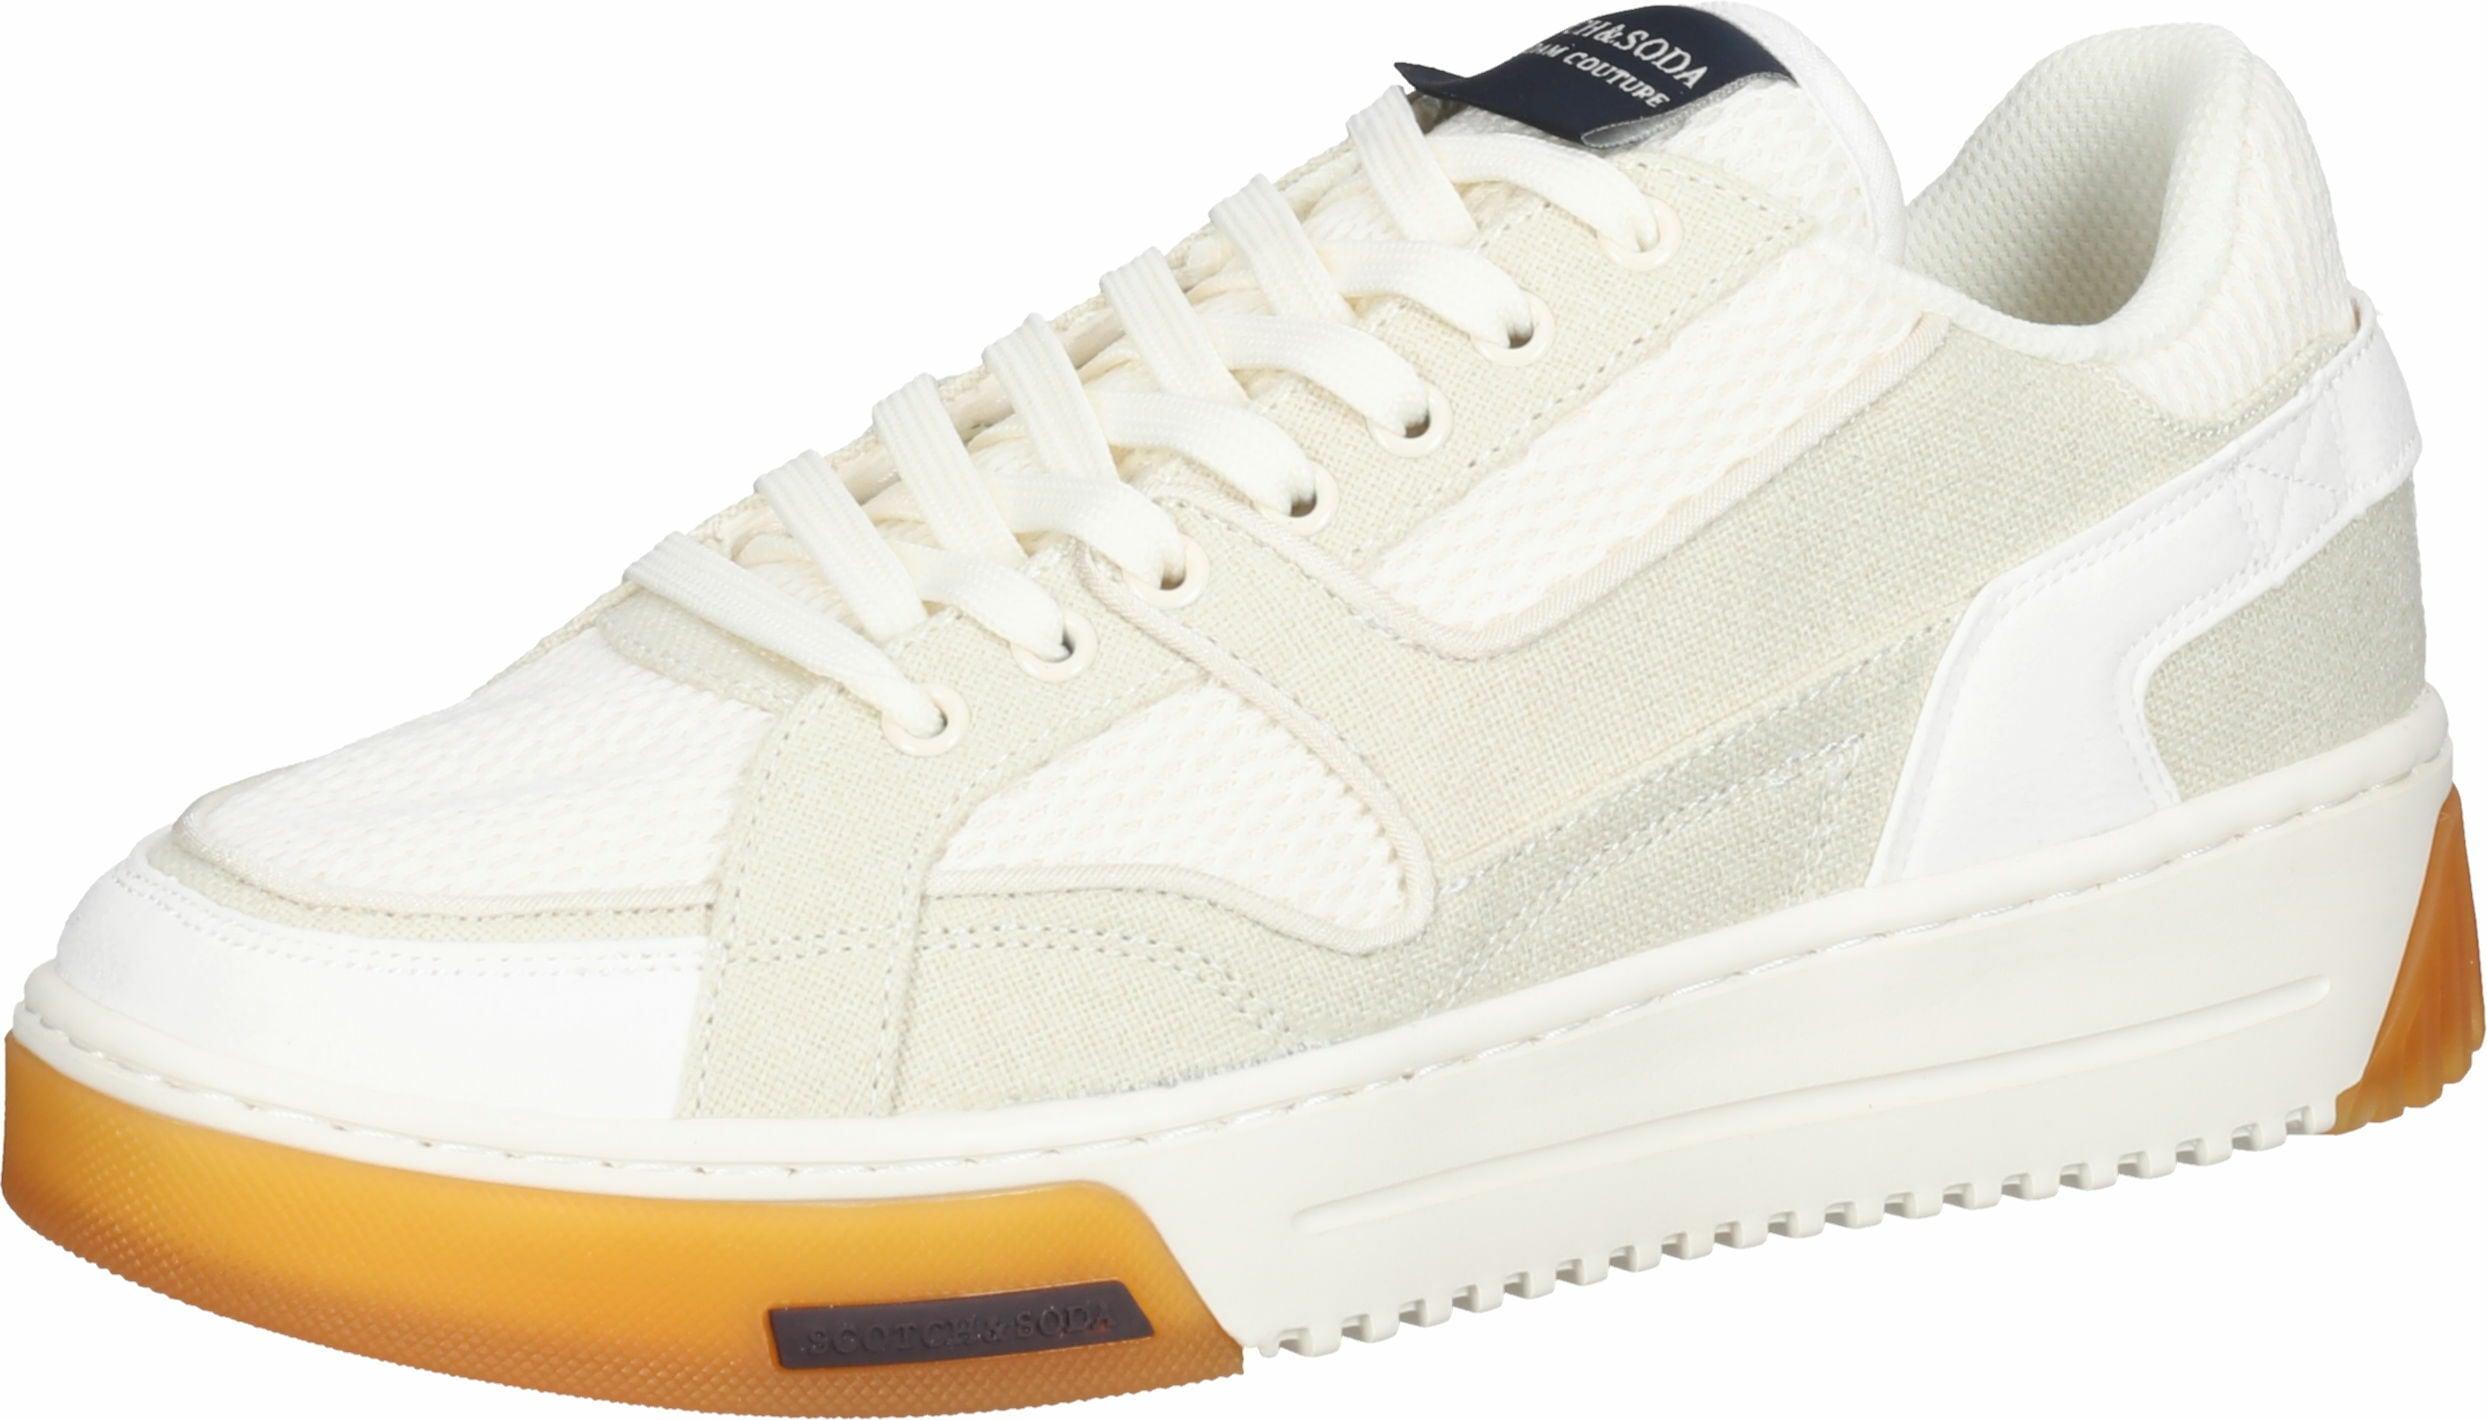 scotch & soda -  Sneaker Veloursleder/Textil